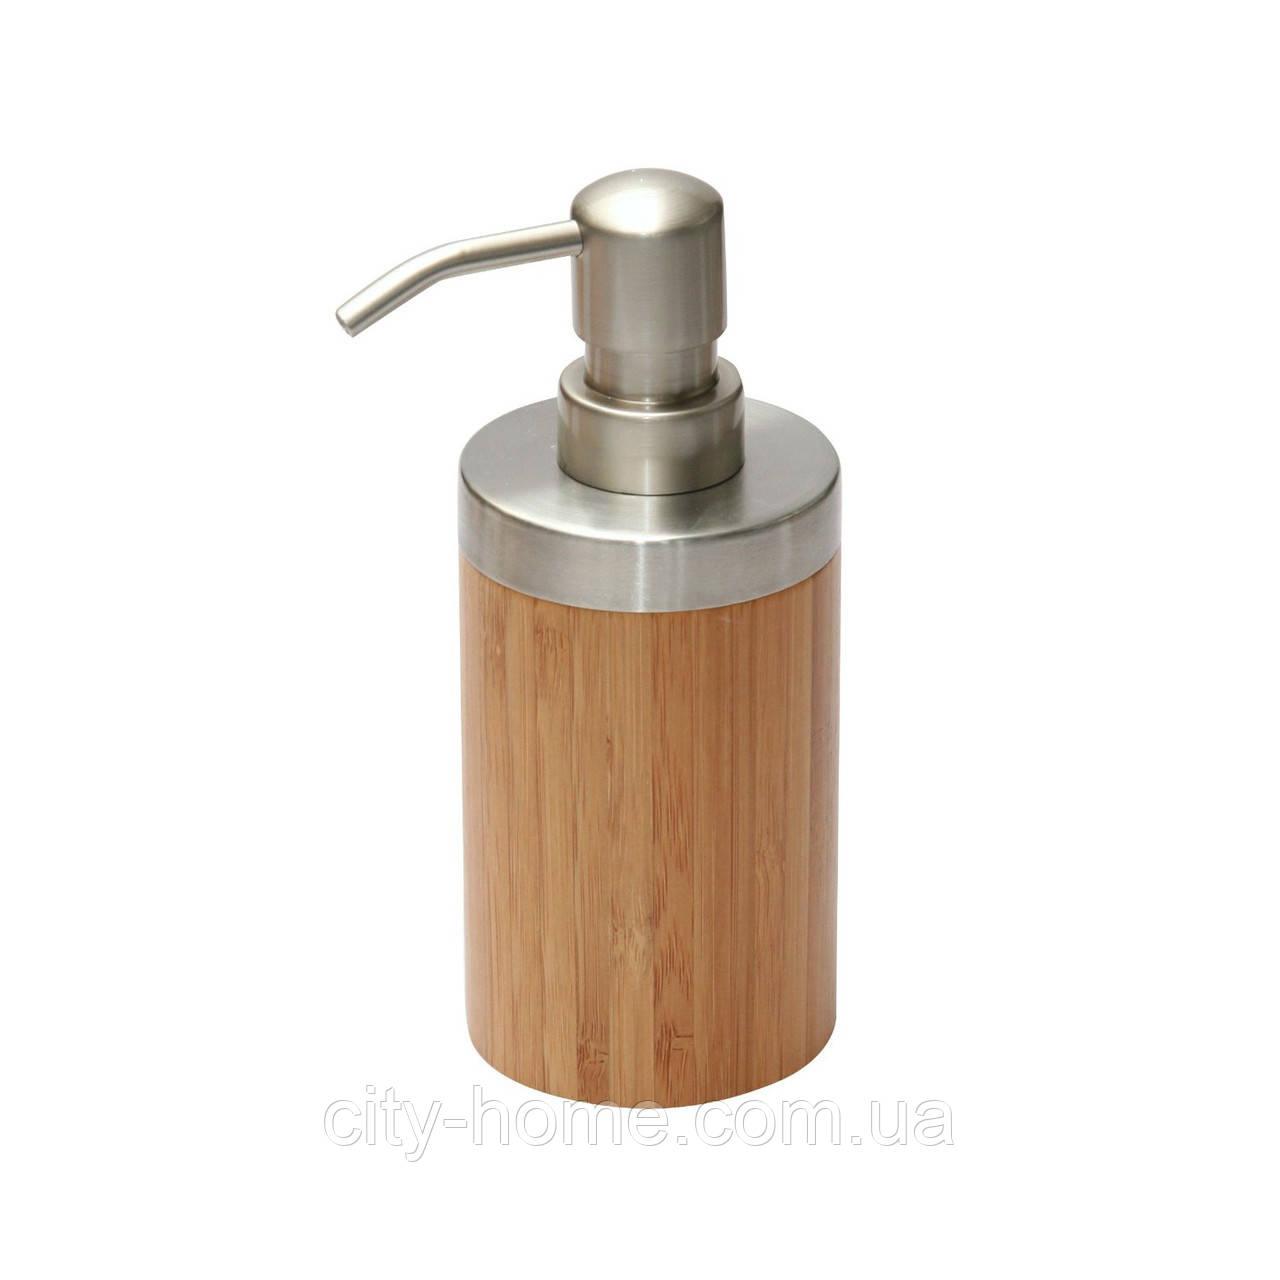 Дозатор для жидкого мыла Бонья